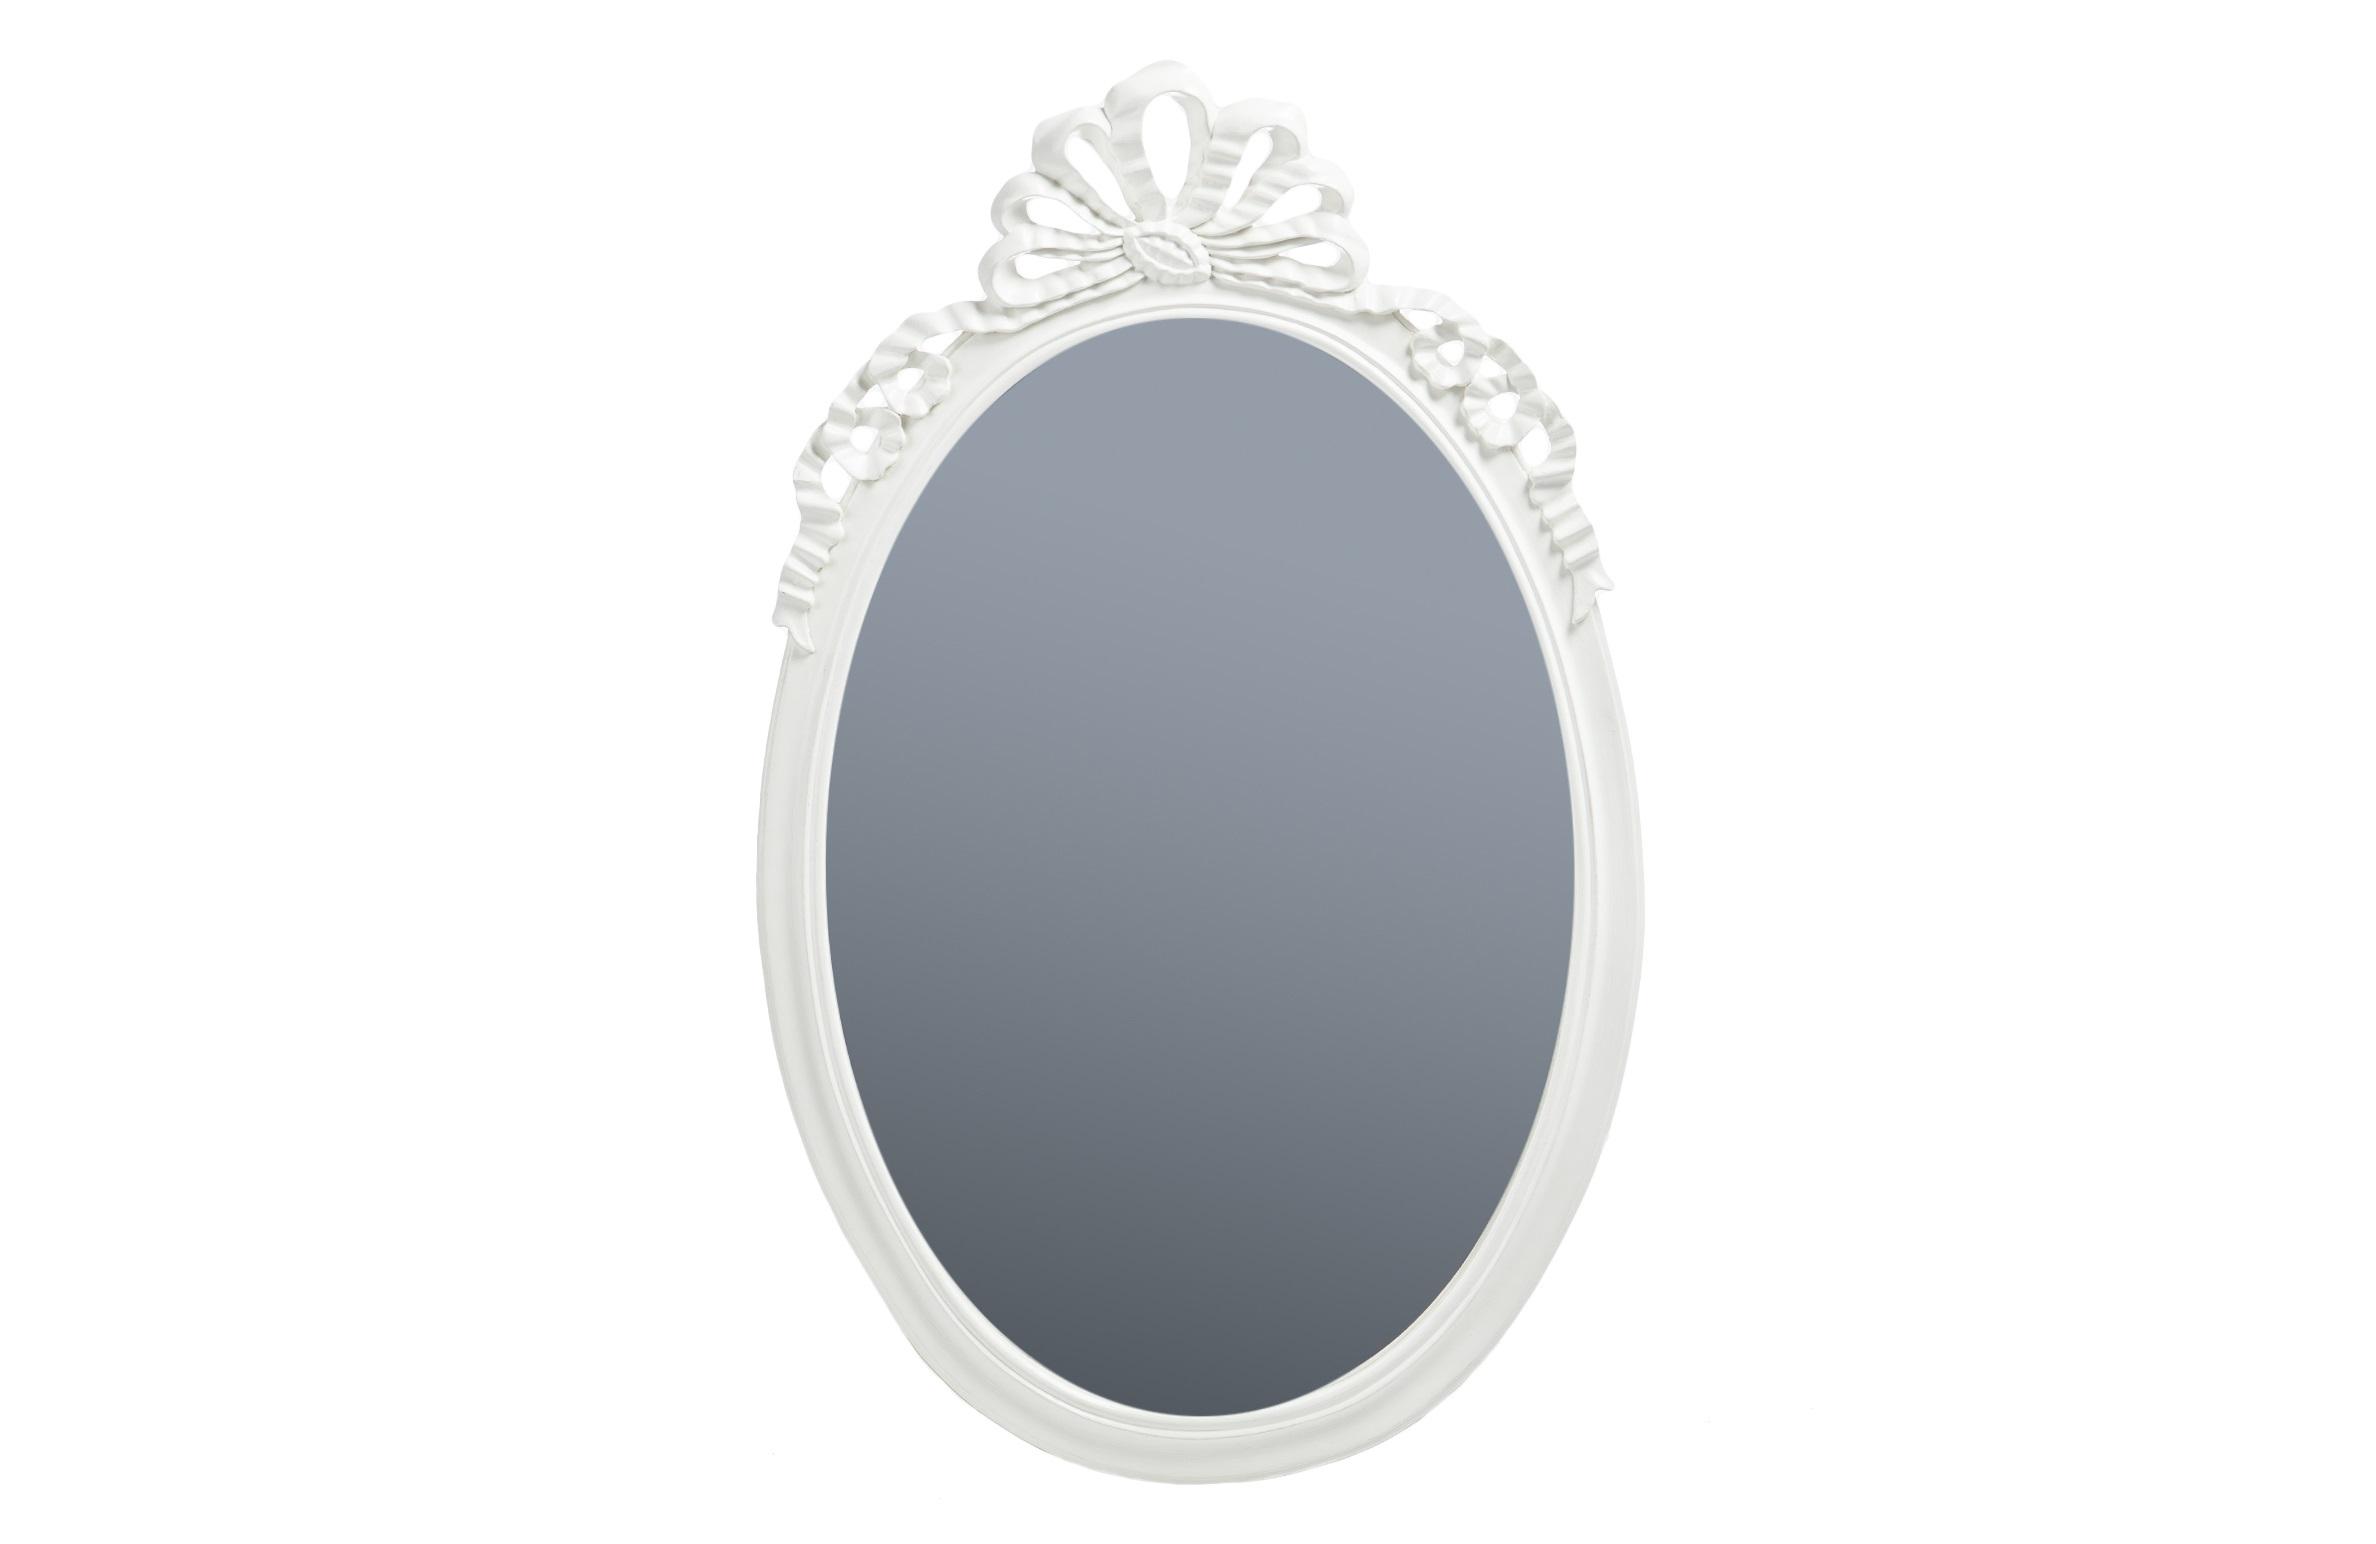 Зеркало «Арагон»Настенные зеркала<br>Зеркало в раме из дерева махагони, украшенное резьбой.<br><br>Material: Красное дерево<br>Width см: 64<br>Depth см: 4<br>Height см: 105